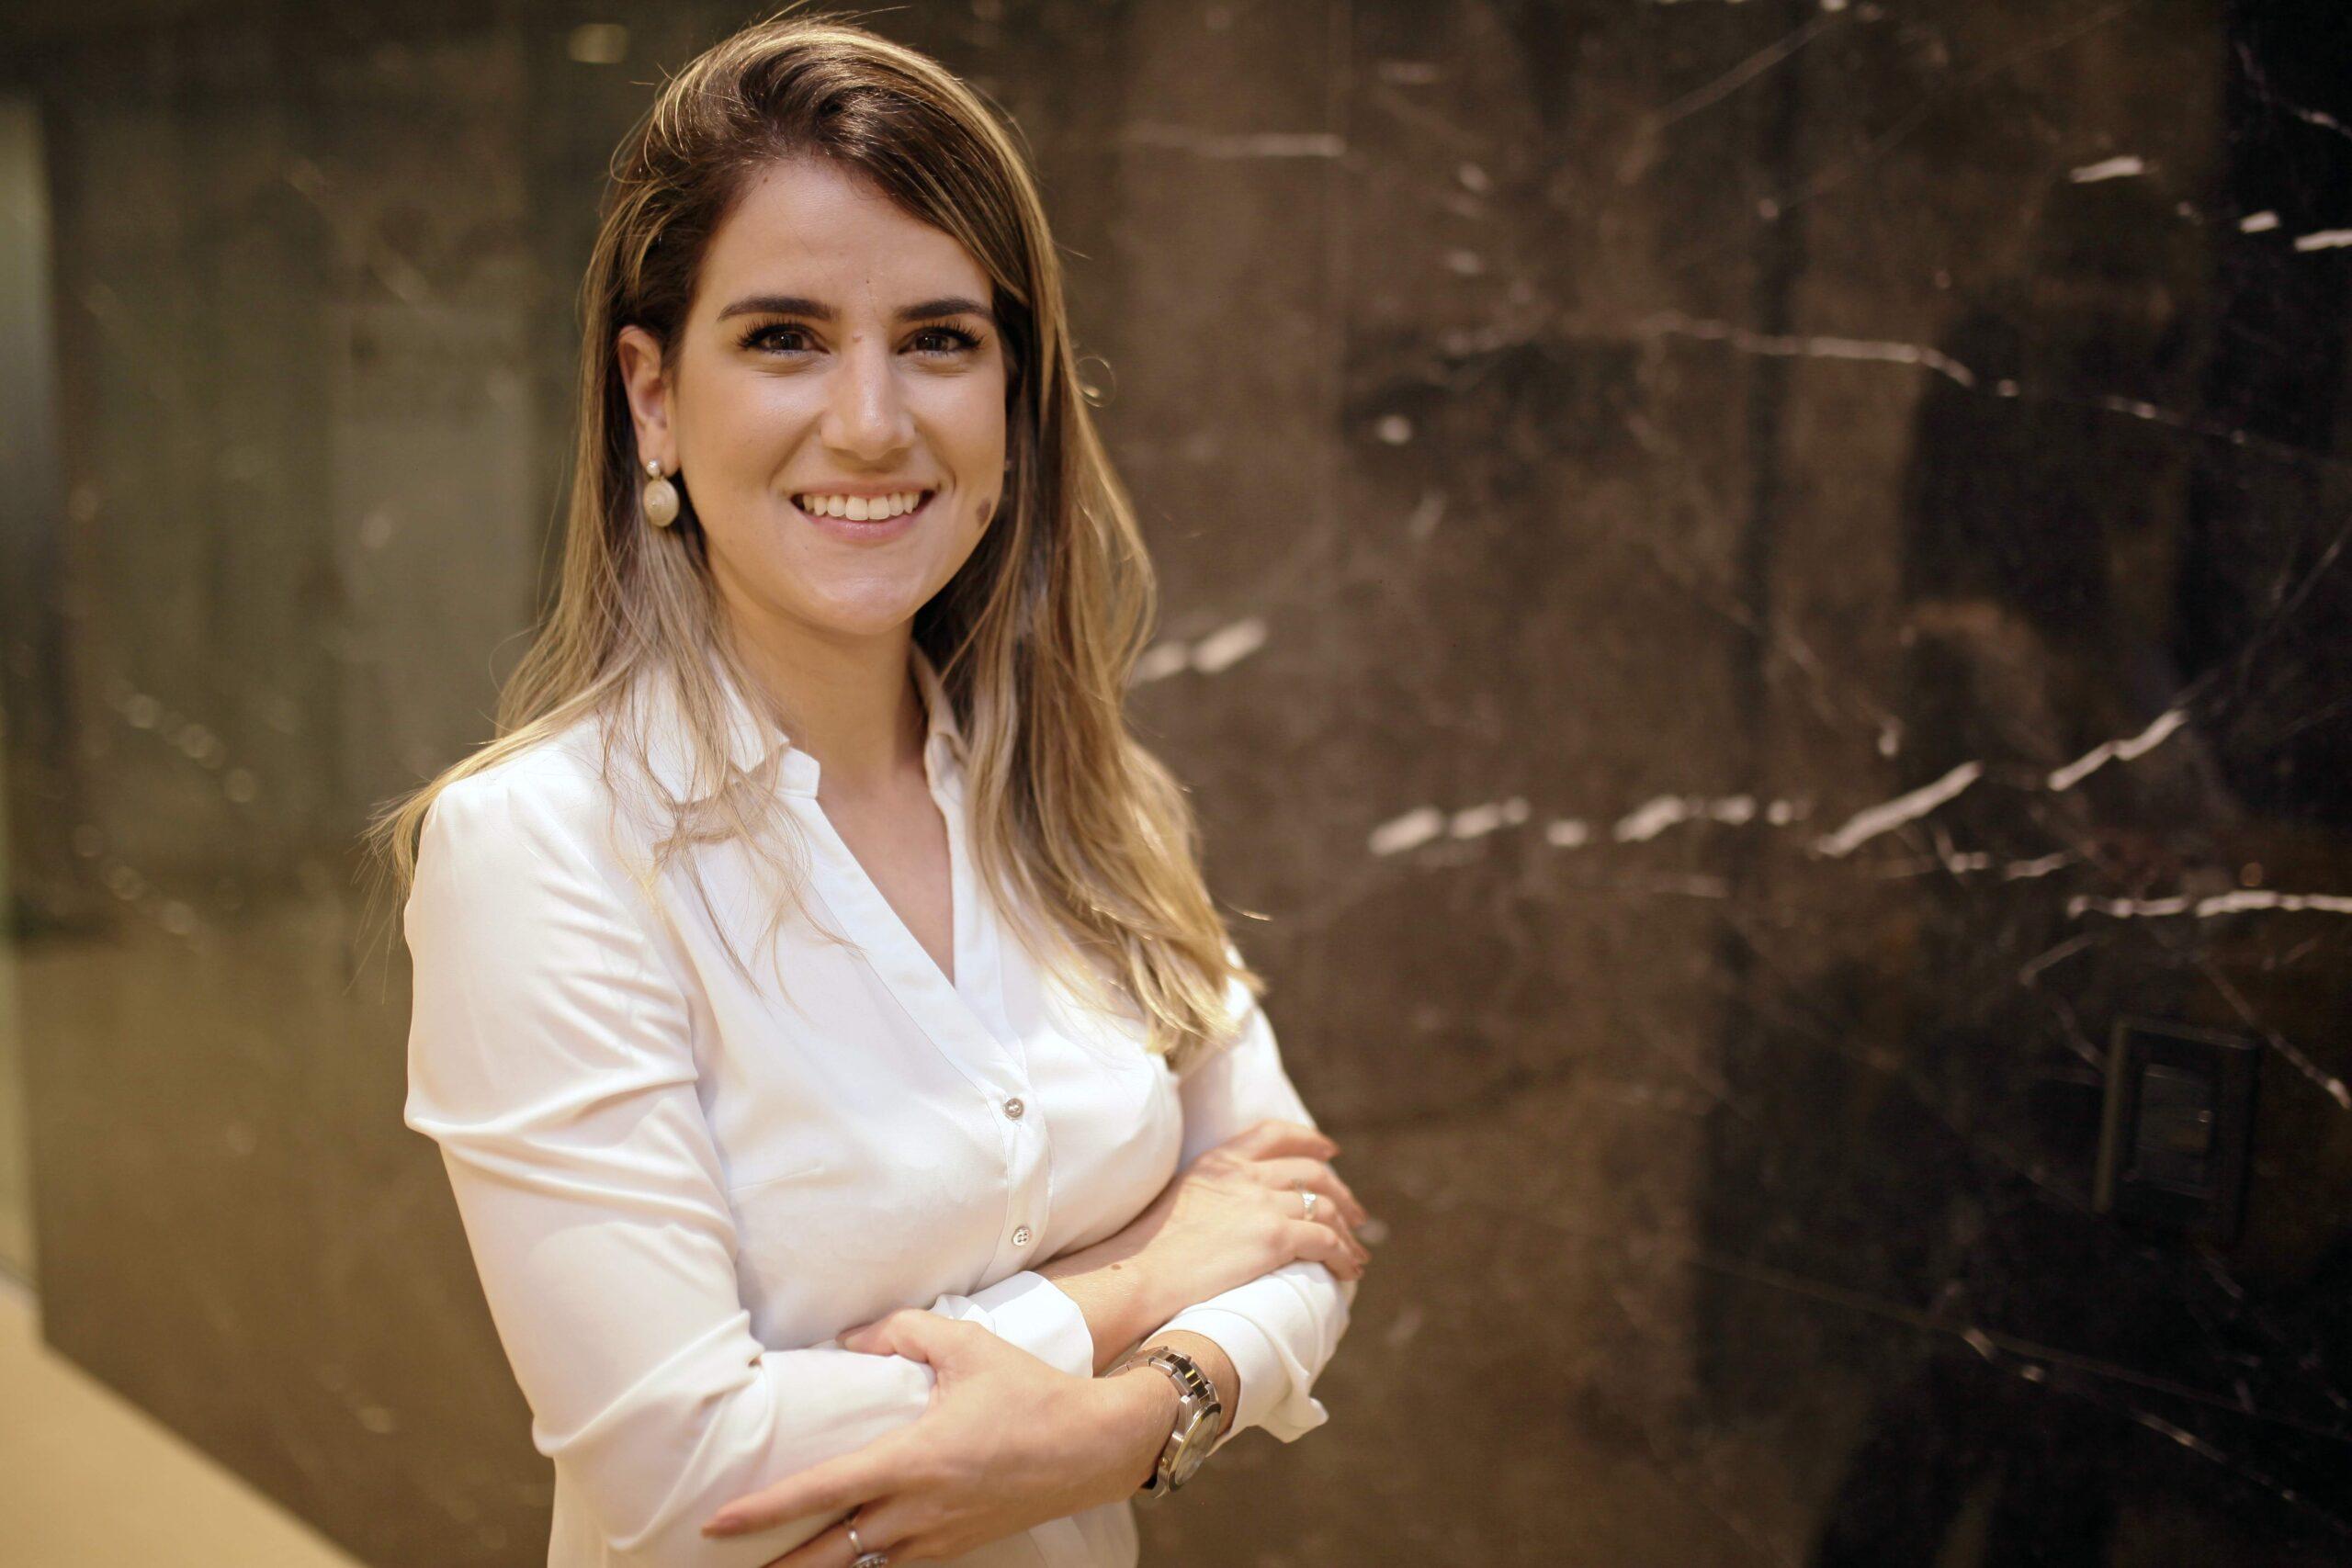 Juliana Curado Silva Barbosa de Moraes